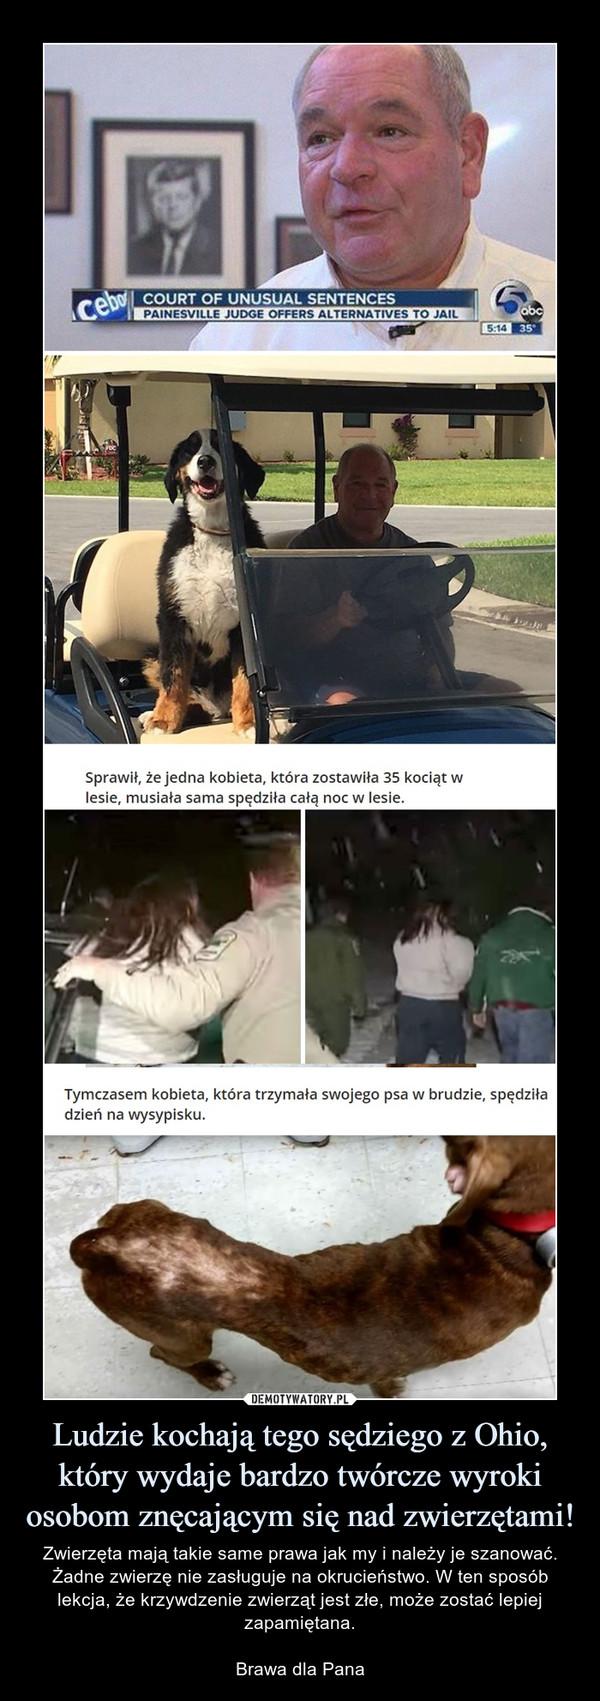 Ludzie kochają tego sędziego z Ohio, który wydaje bardzo twórcze wyroki osobom znęcającym się nad zwierzętami! – Zwierzęta mają takie same prawa jak my i należy je szanować. Żadne zwierzę nie zasługuje na okrucieństwo. W ten sposób lekcja, że krzywdzenie zwierząt jest złe, może zostać lepiej zapamiętana.Brawa dla Pana